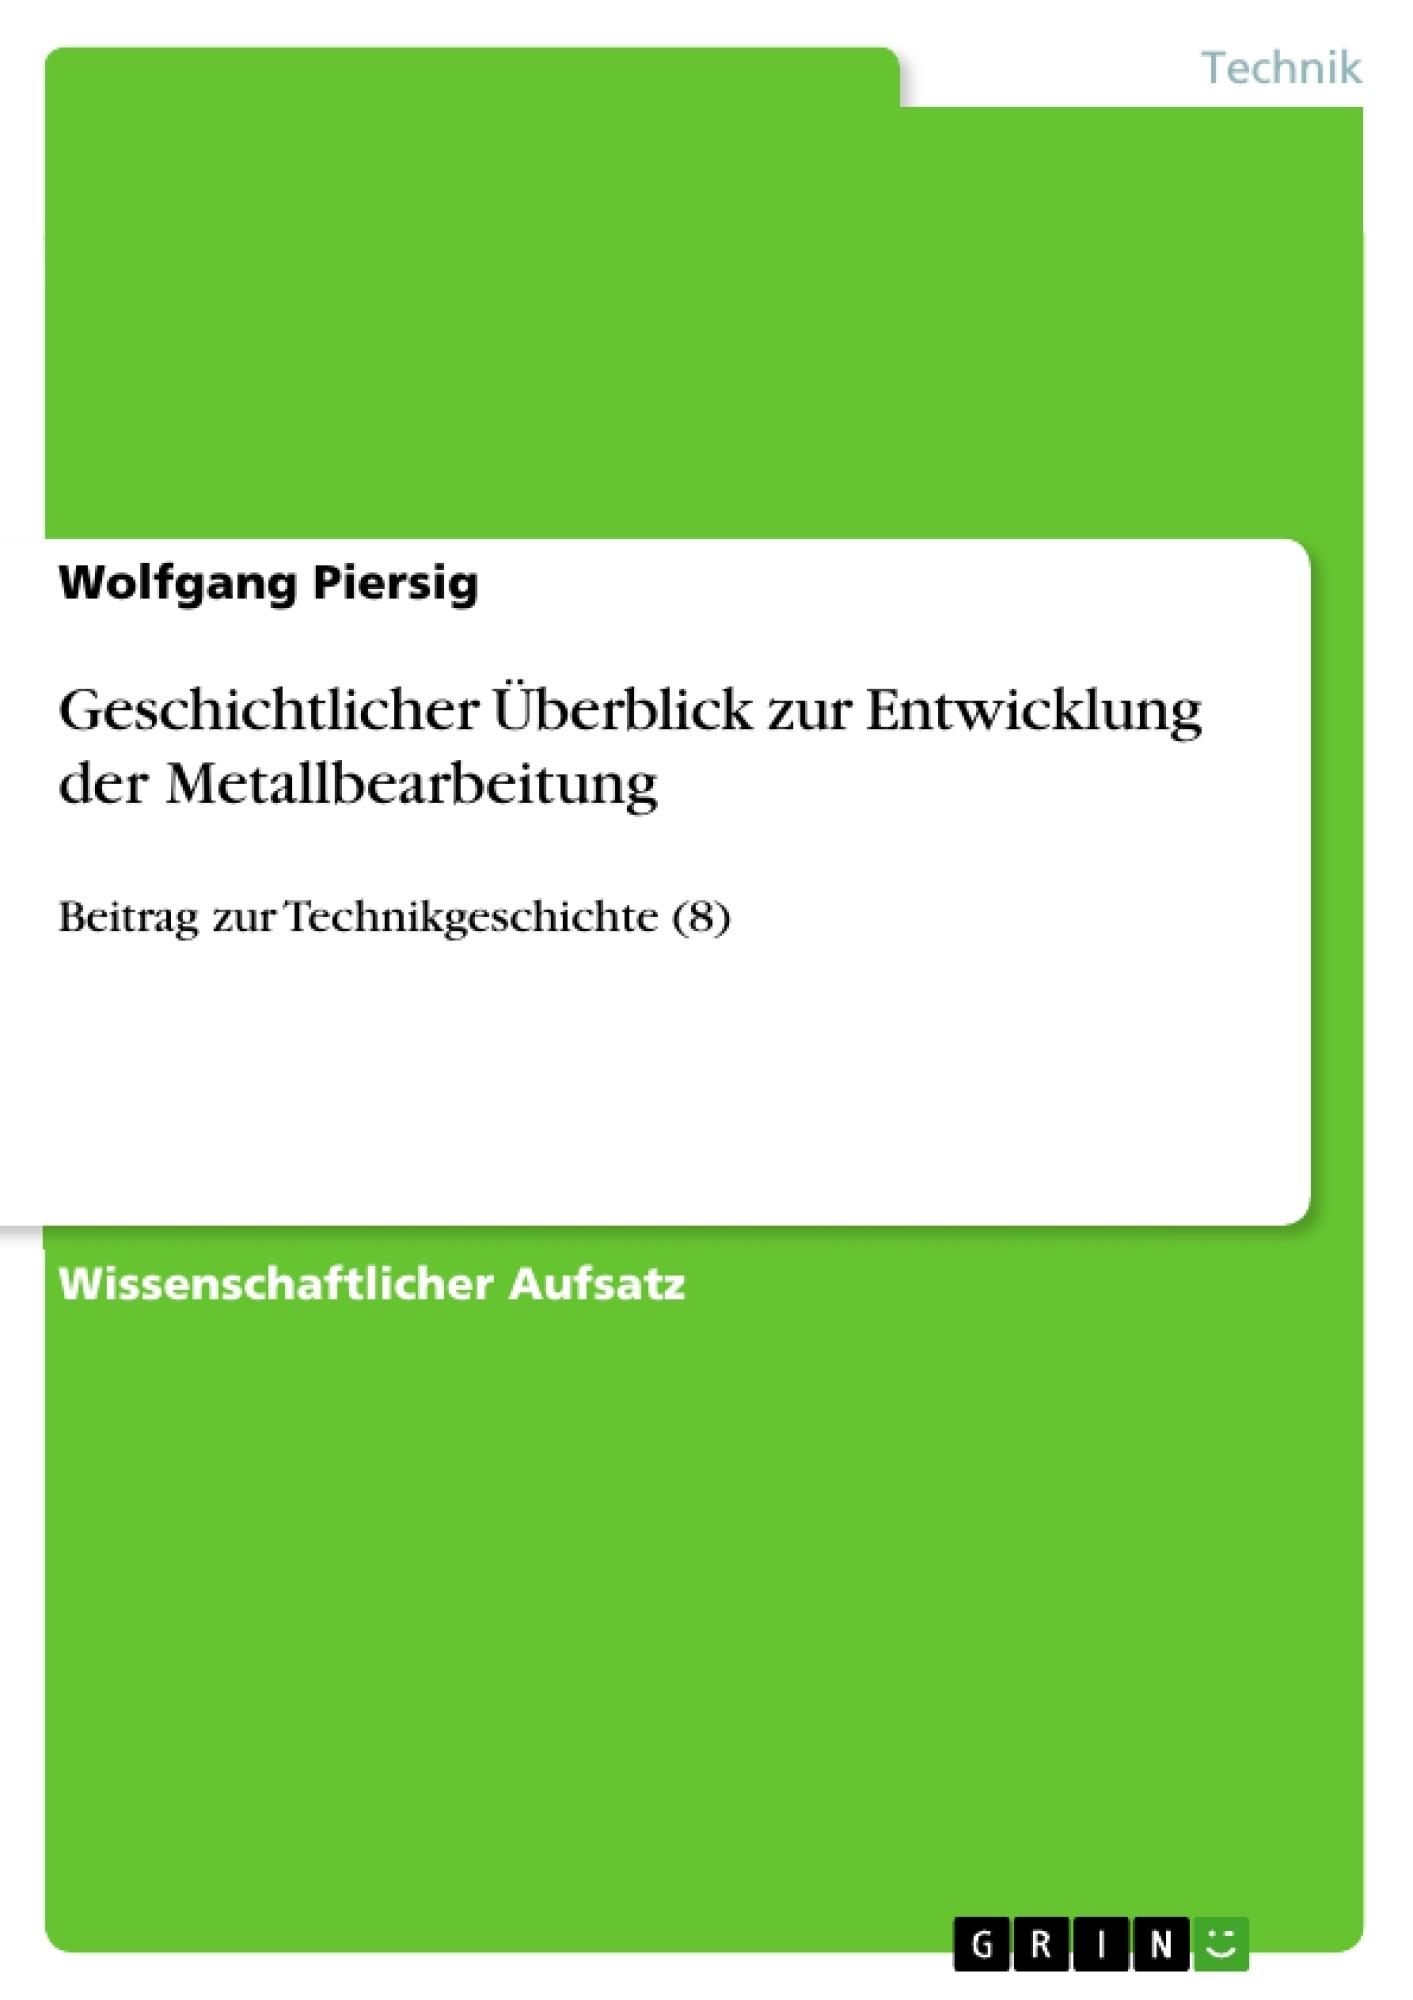 Titel: Geschichtlicher Überblick zur Entwicklung der Metallbearbeitung